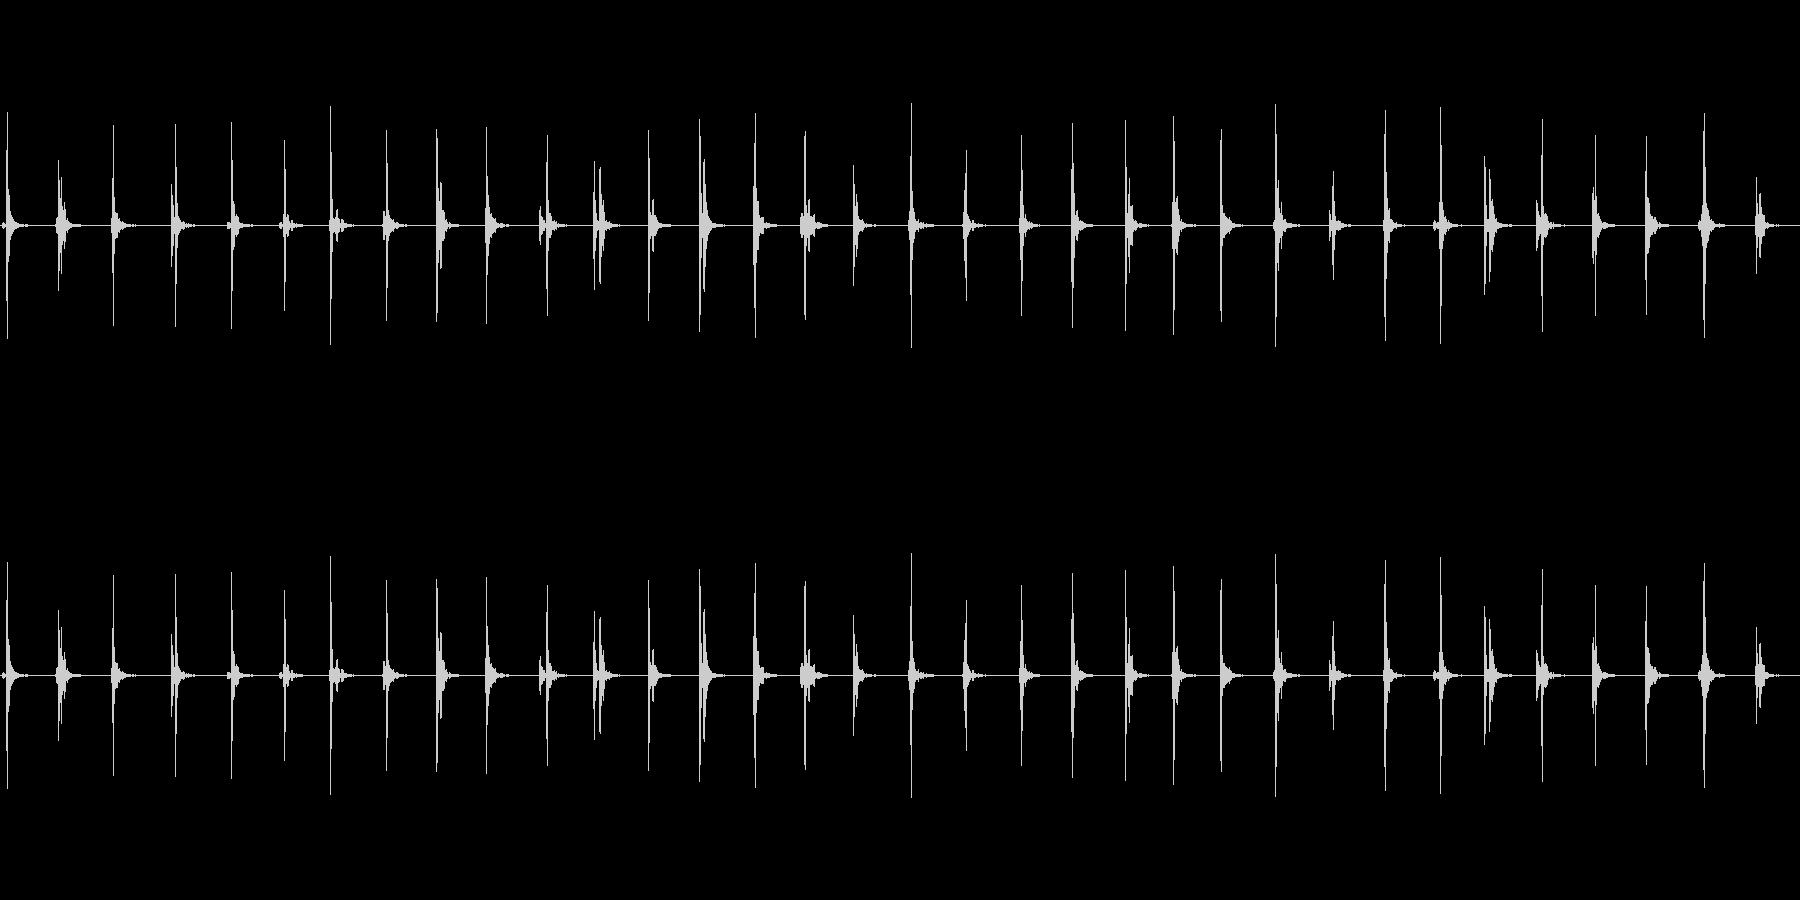 【足音02-2L】の未再生の波形